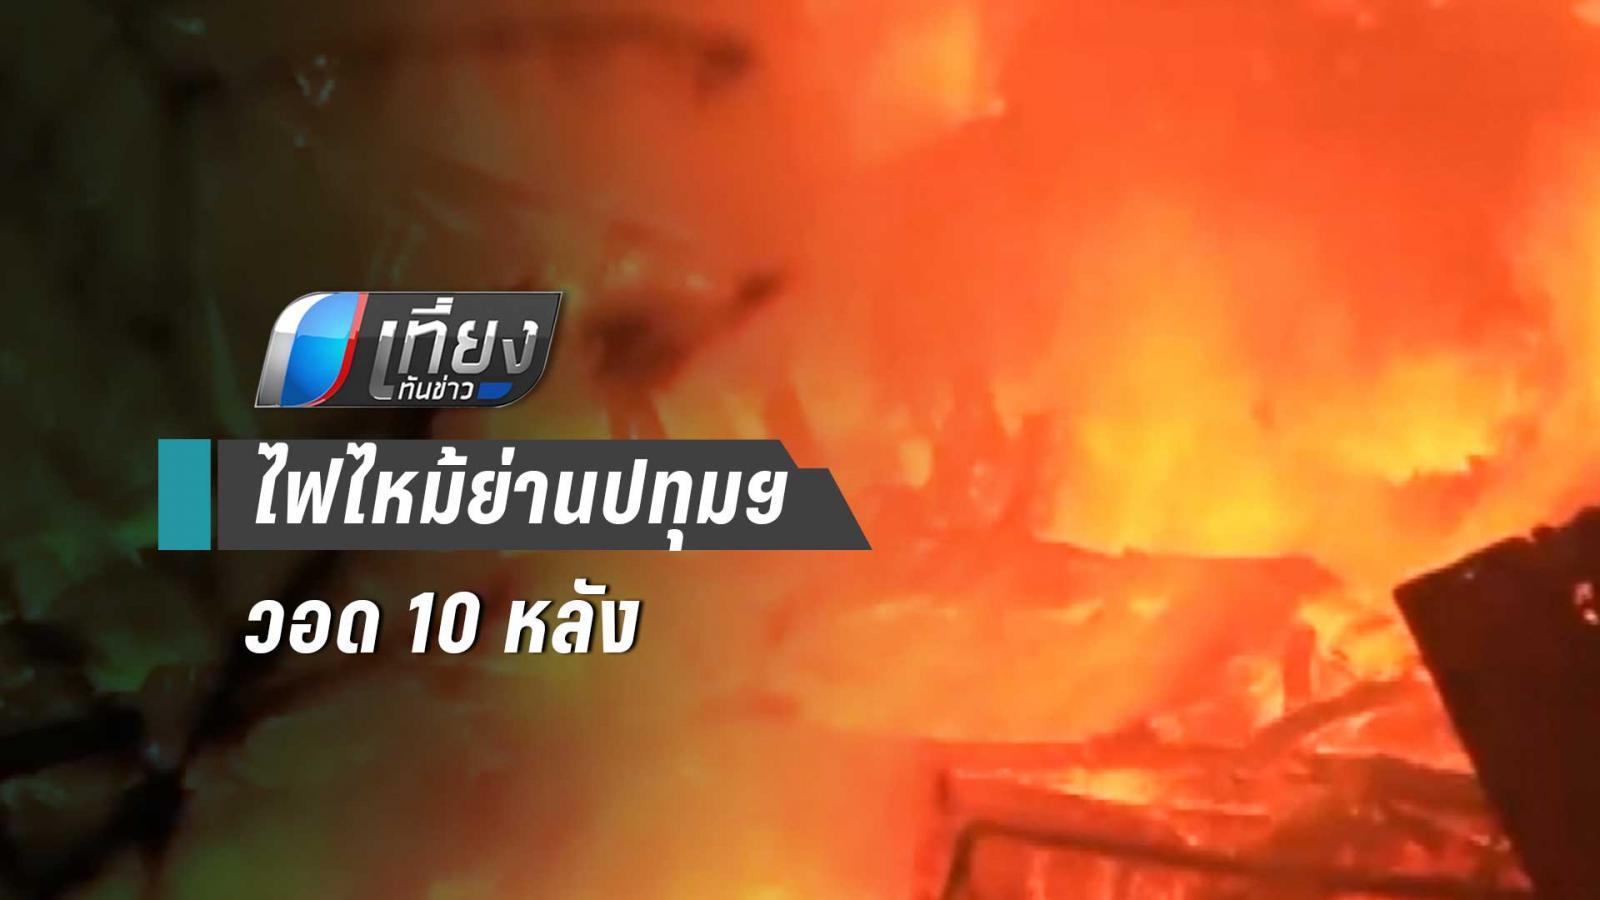 ไฟไหม้ชุมชนย่านปทุมฯ วอดเกลี้ยง 10 หลัง